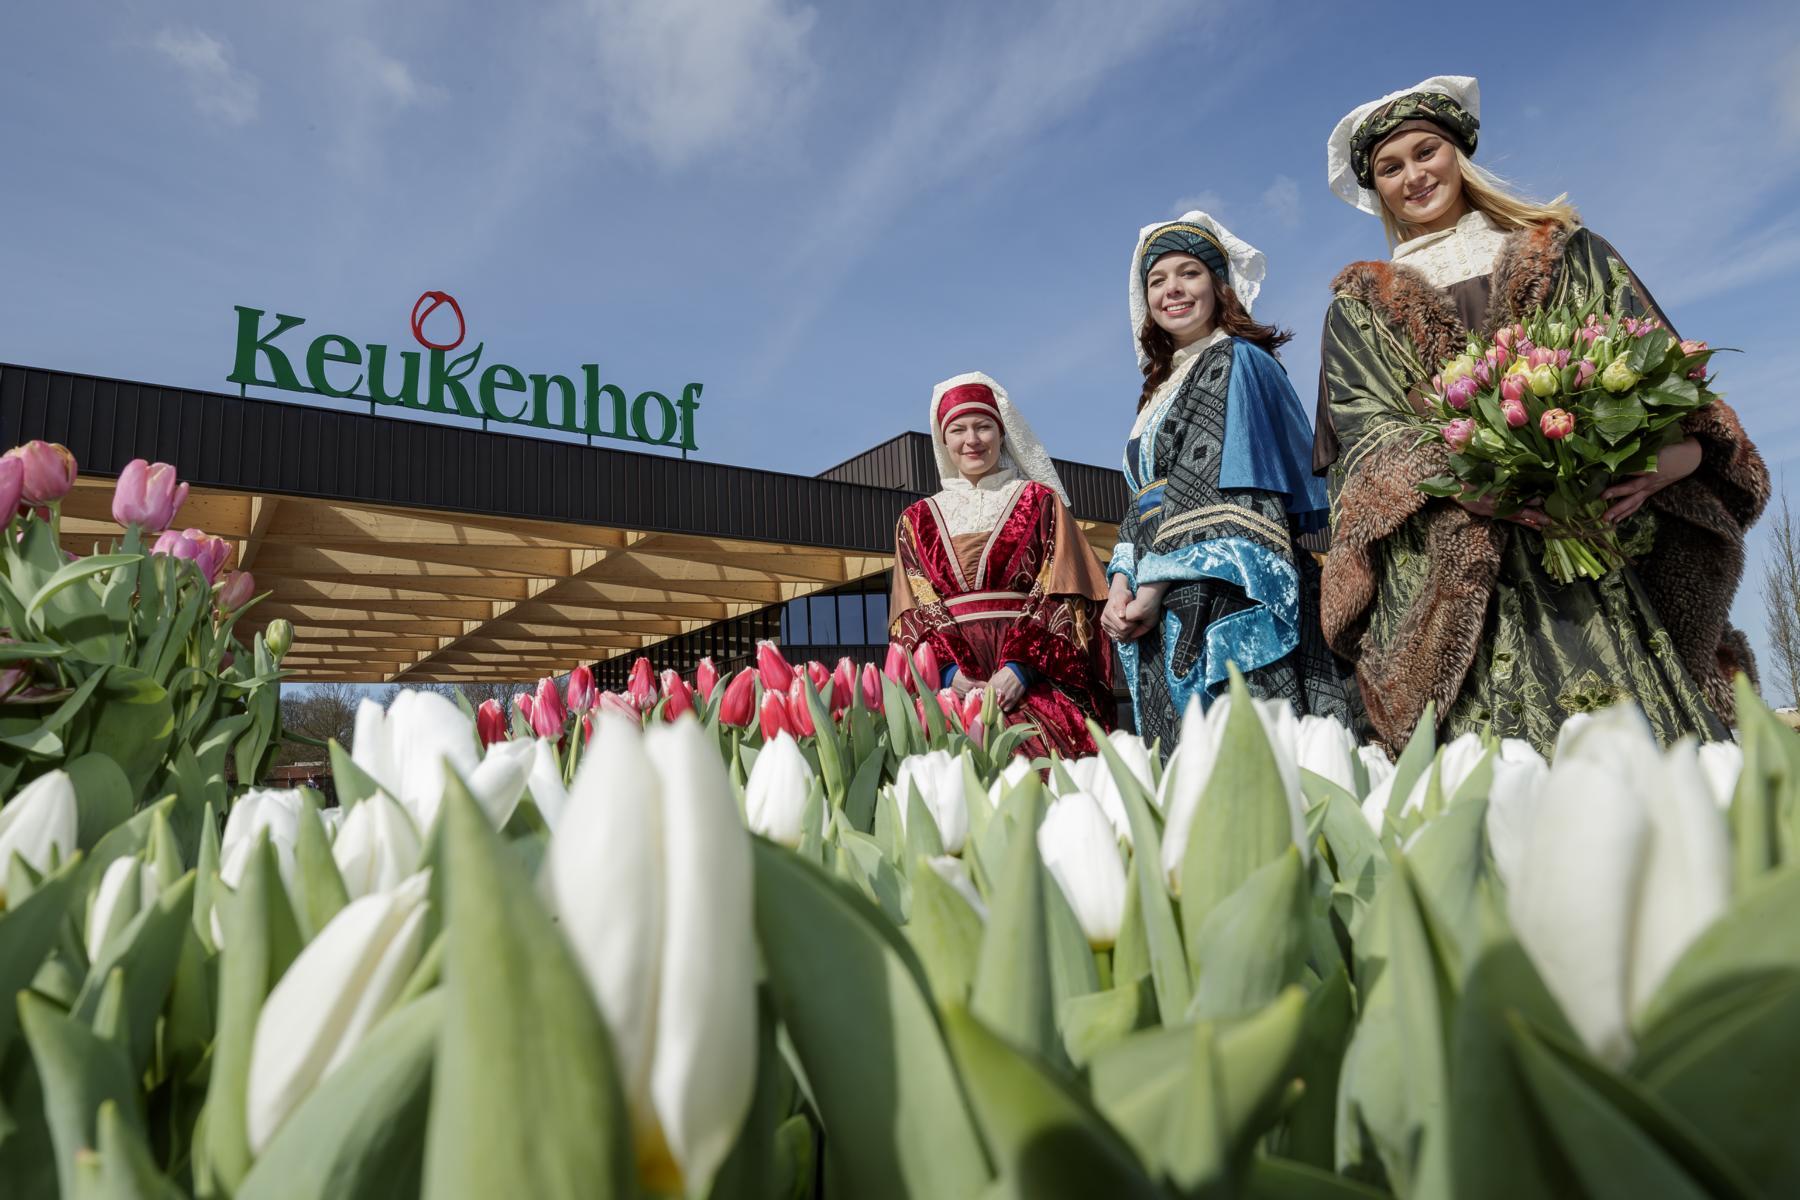 Blumen satt! Der Keukenhof (NL) nur noch bis 19.05.2019